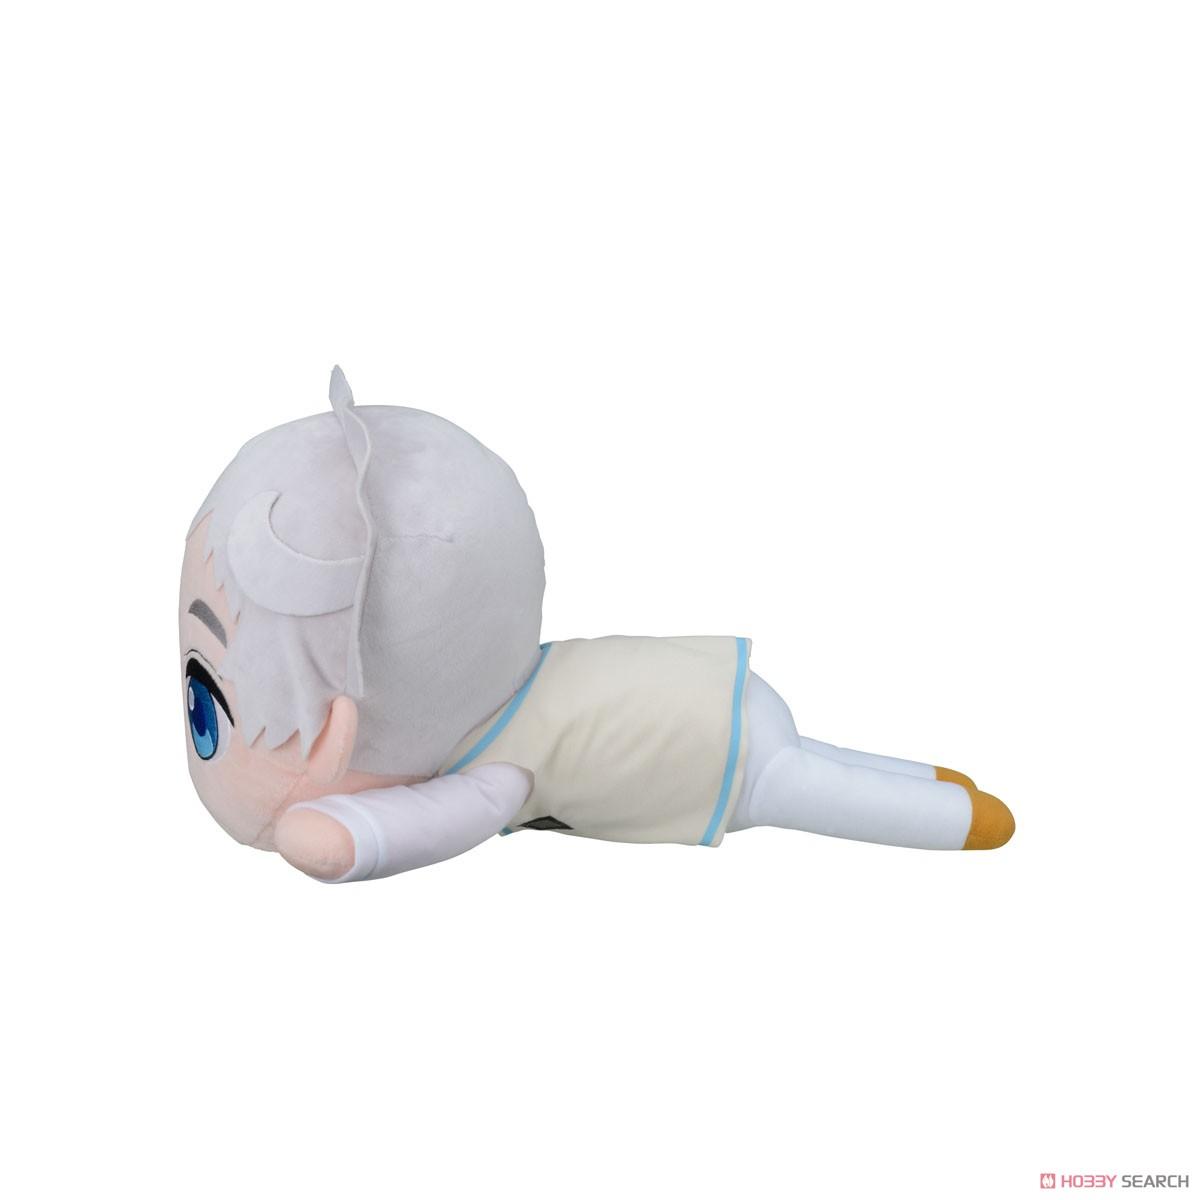 寝そべりぬいぐるみ(LL)『エマ』約束のネバーランド ぬいぐるみ-005